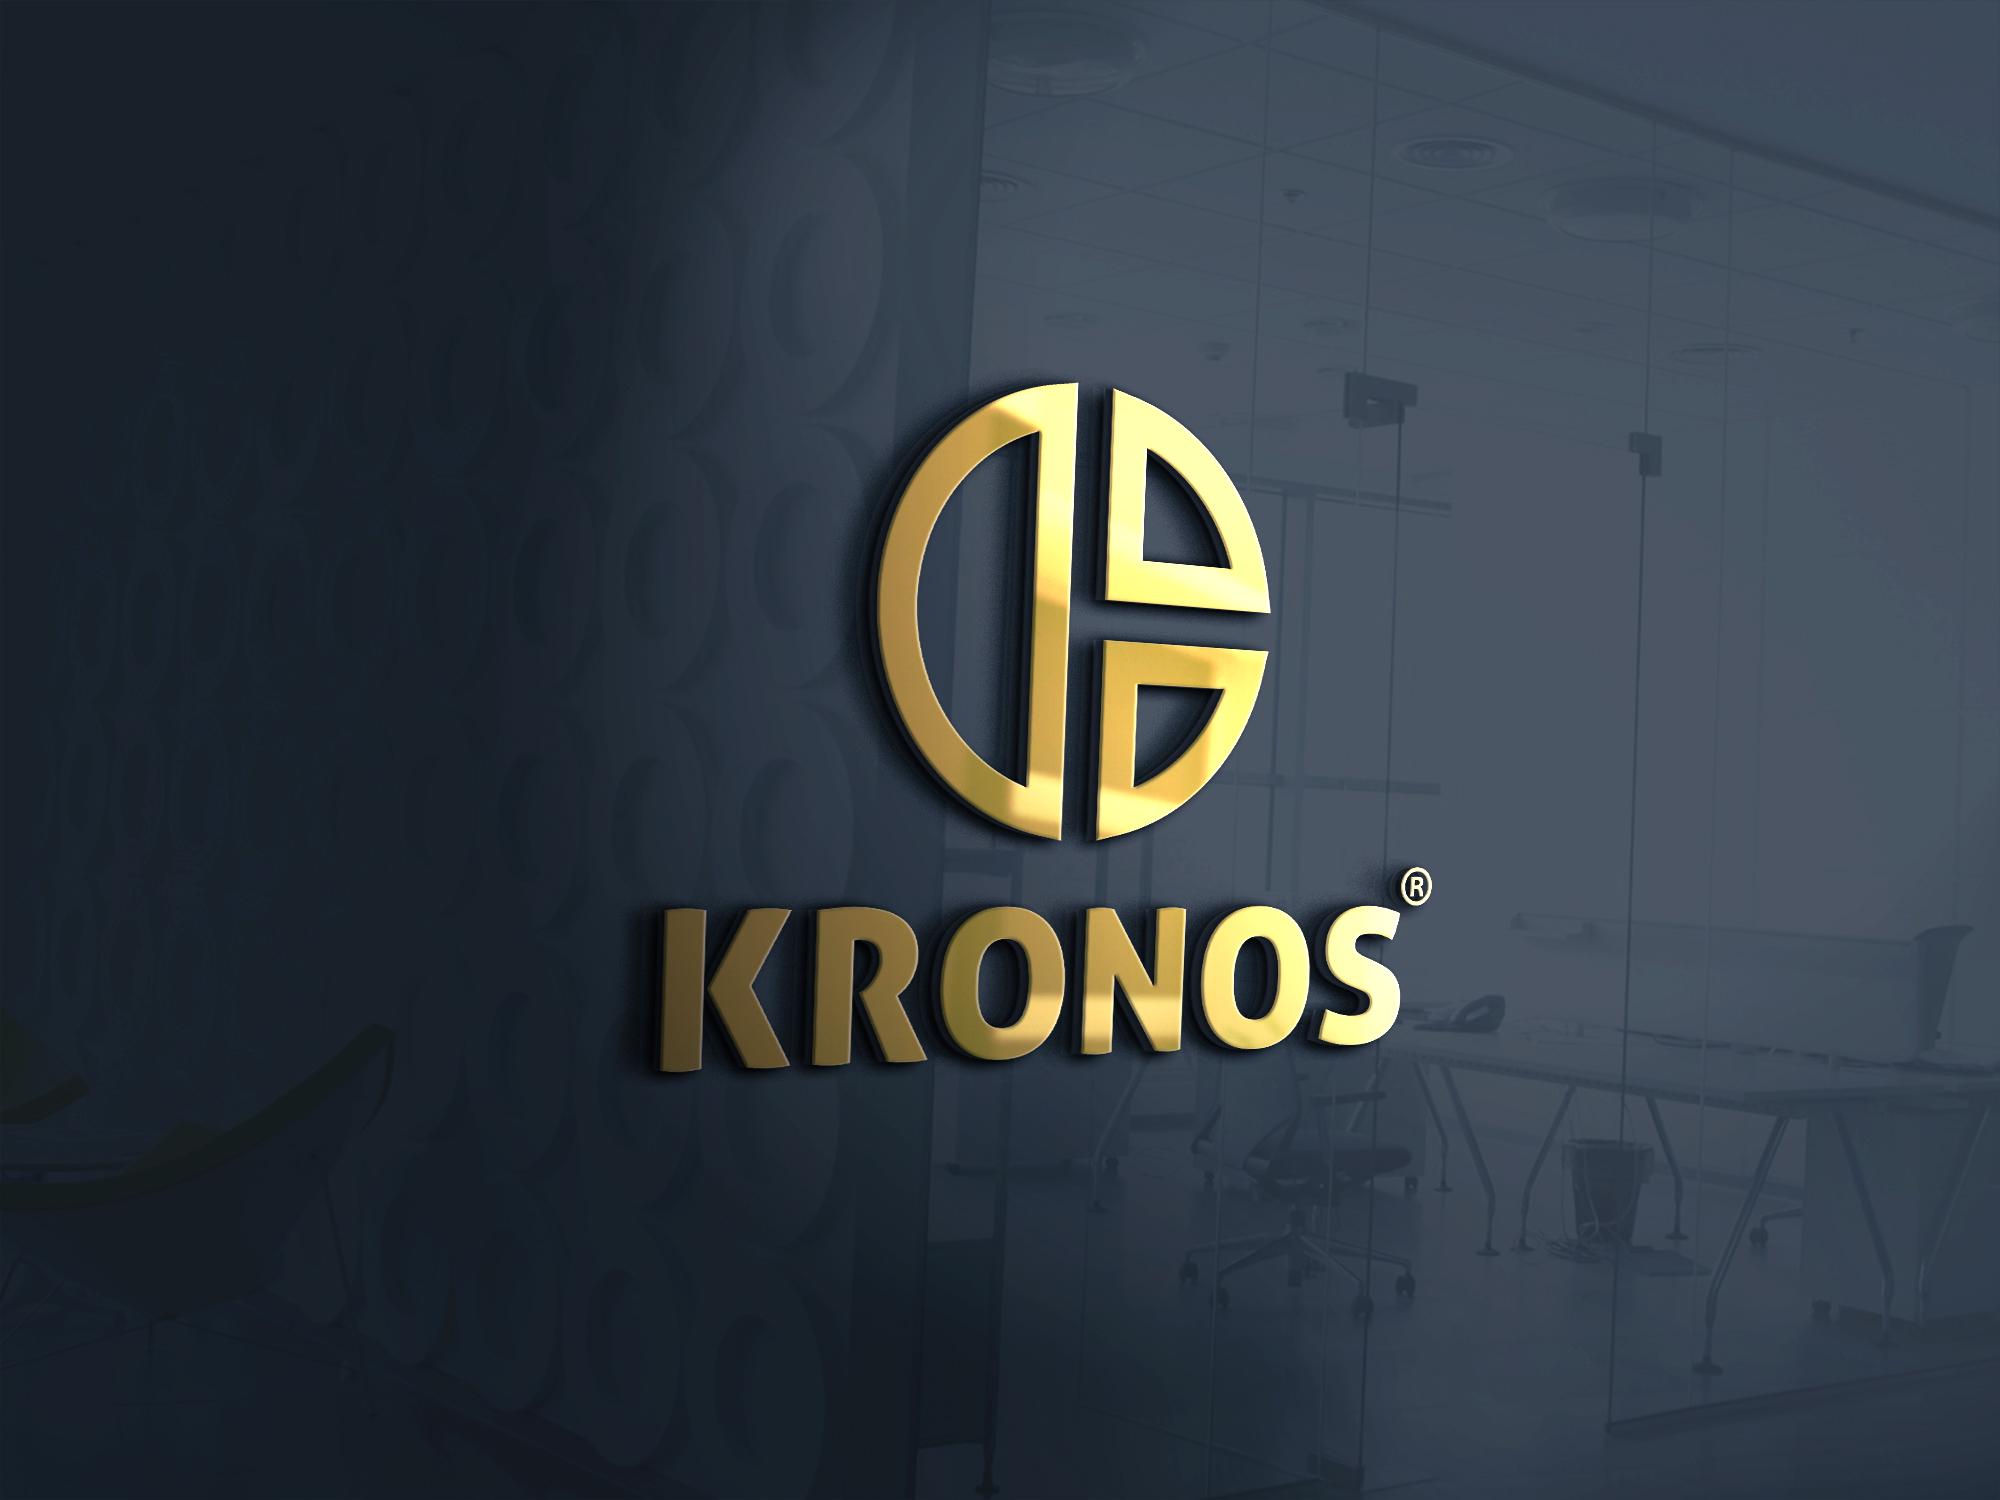 Разработать логотип KRONOS фото f_6025fb14fdb44ec6.jpg